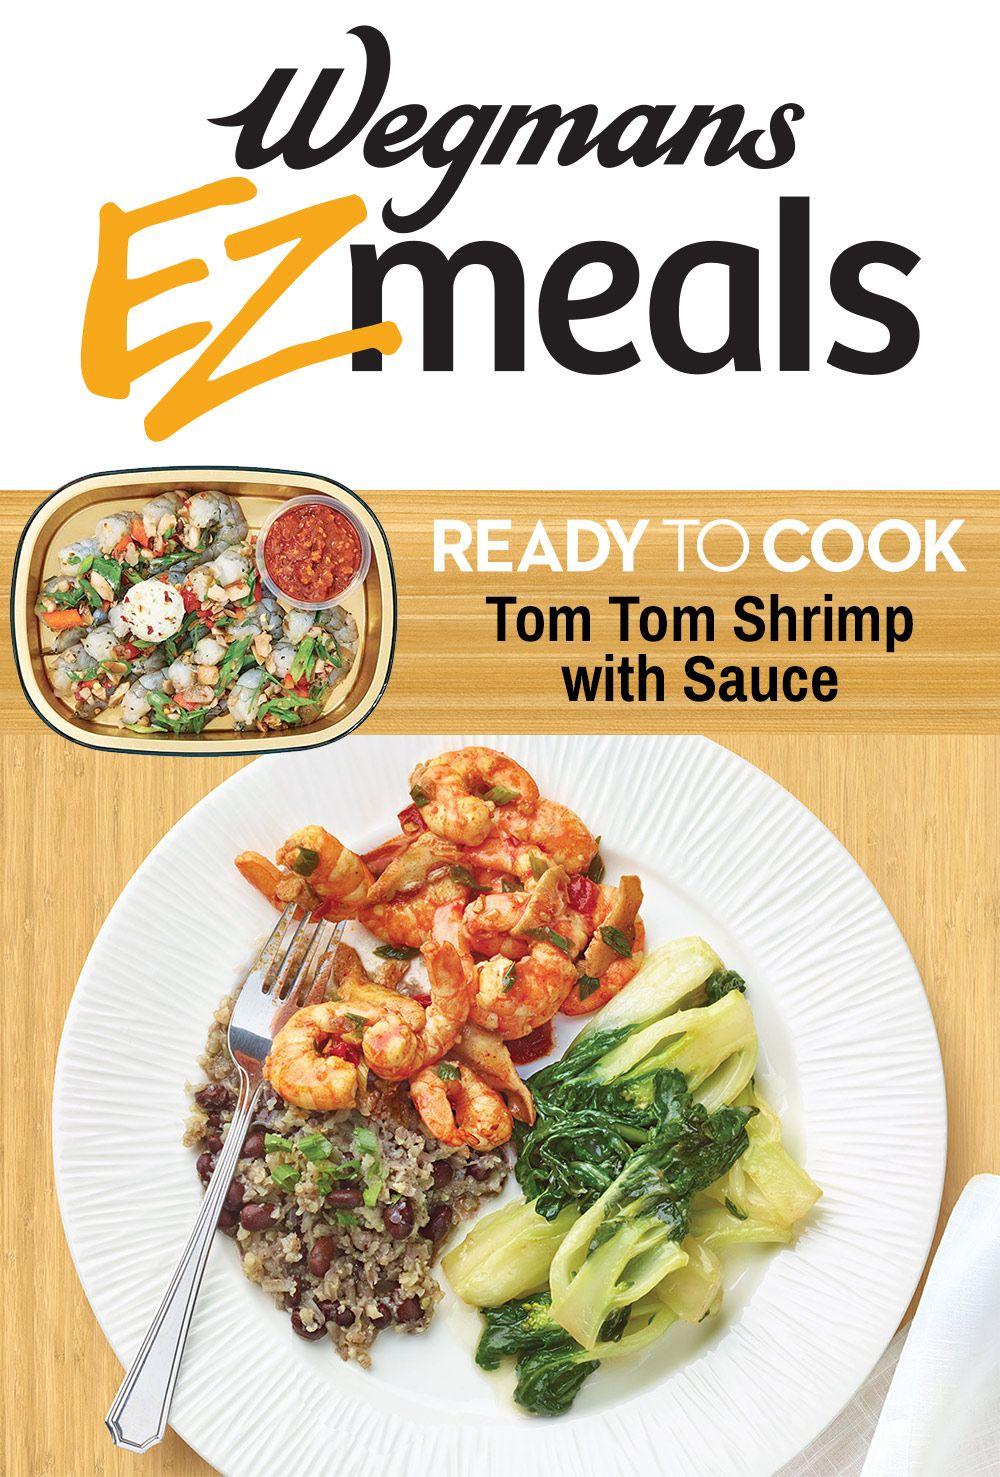 Wegmans Ready to Cook Tom Tom Shrimp with Sauce | EZ Meals ...